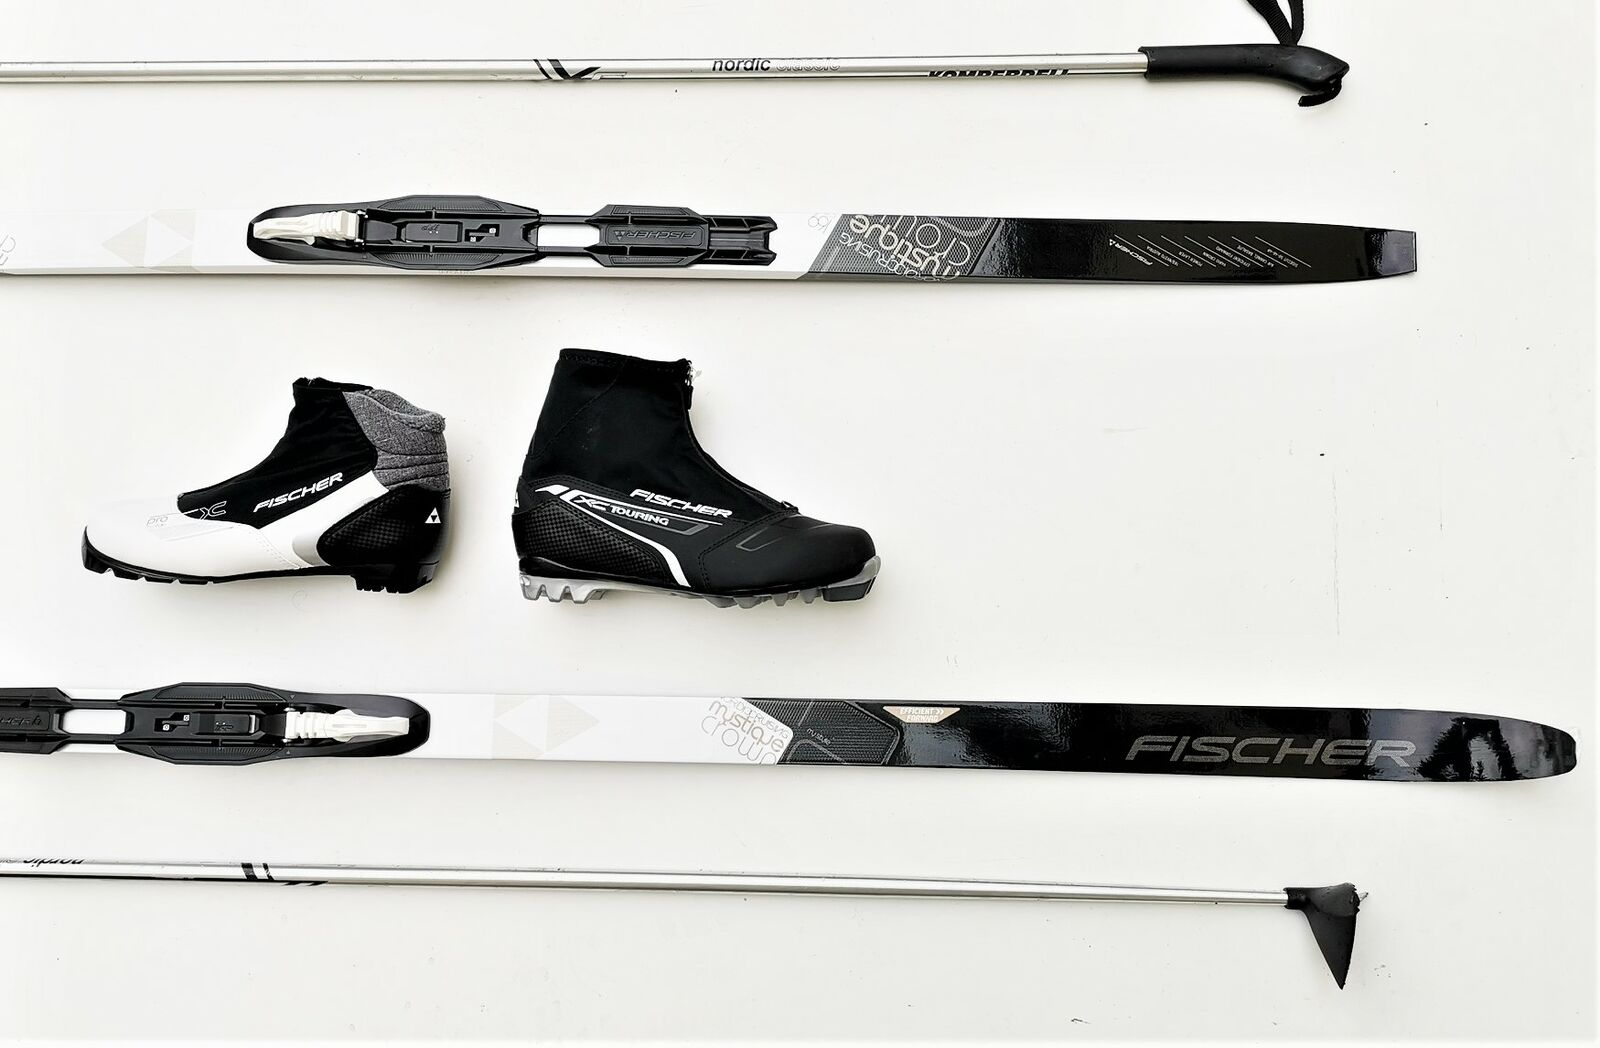 Langlaufski Set Cruising Ski Fischer Mystique Bdg Schuhe Stöcke